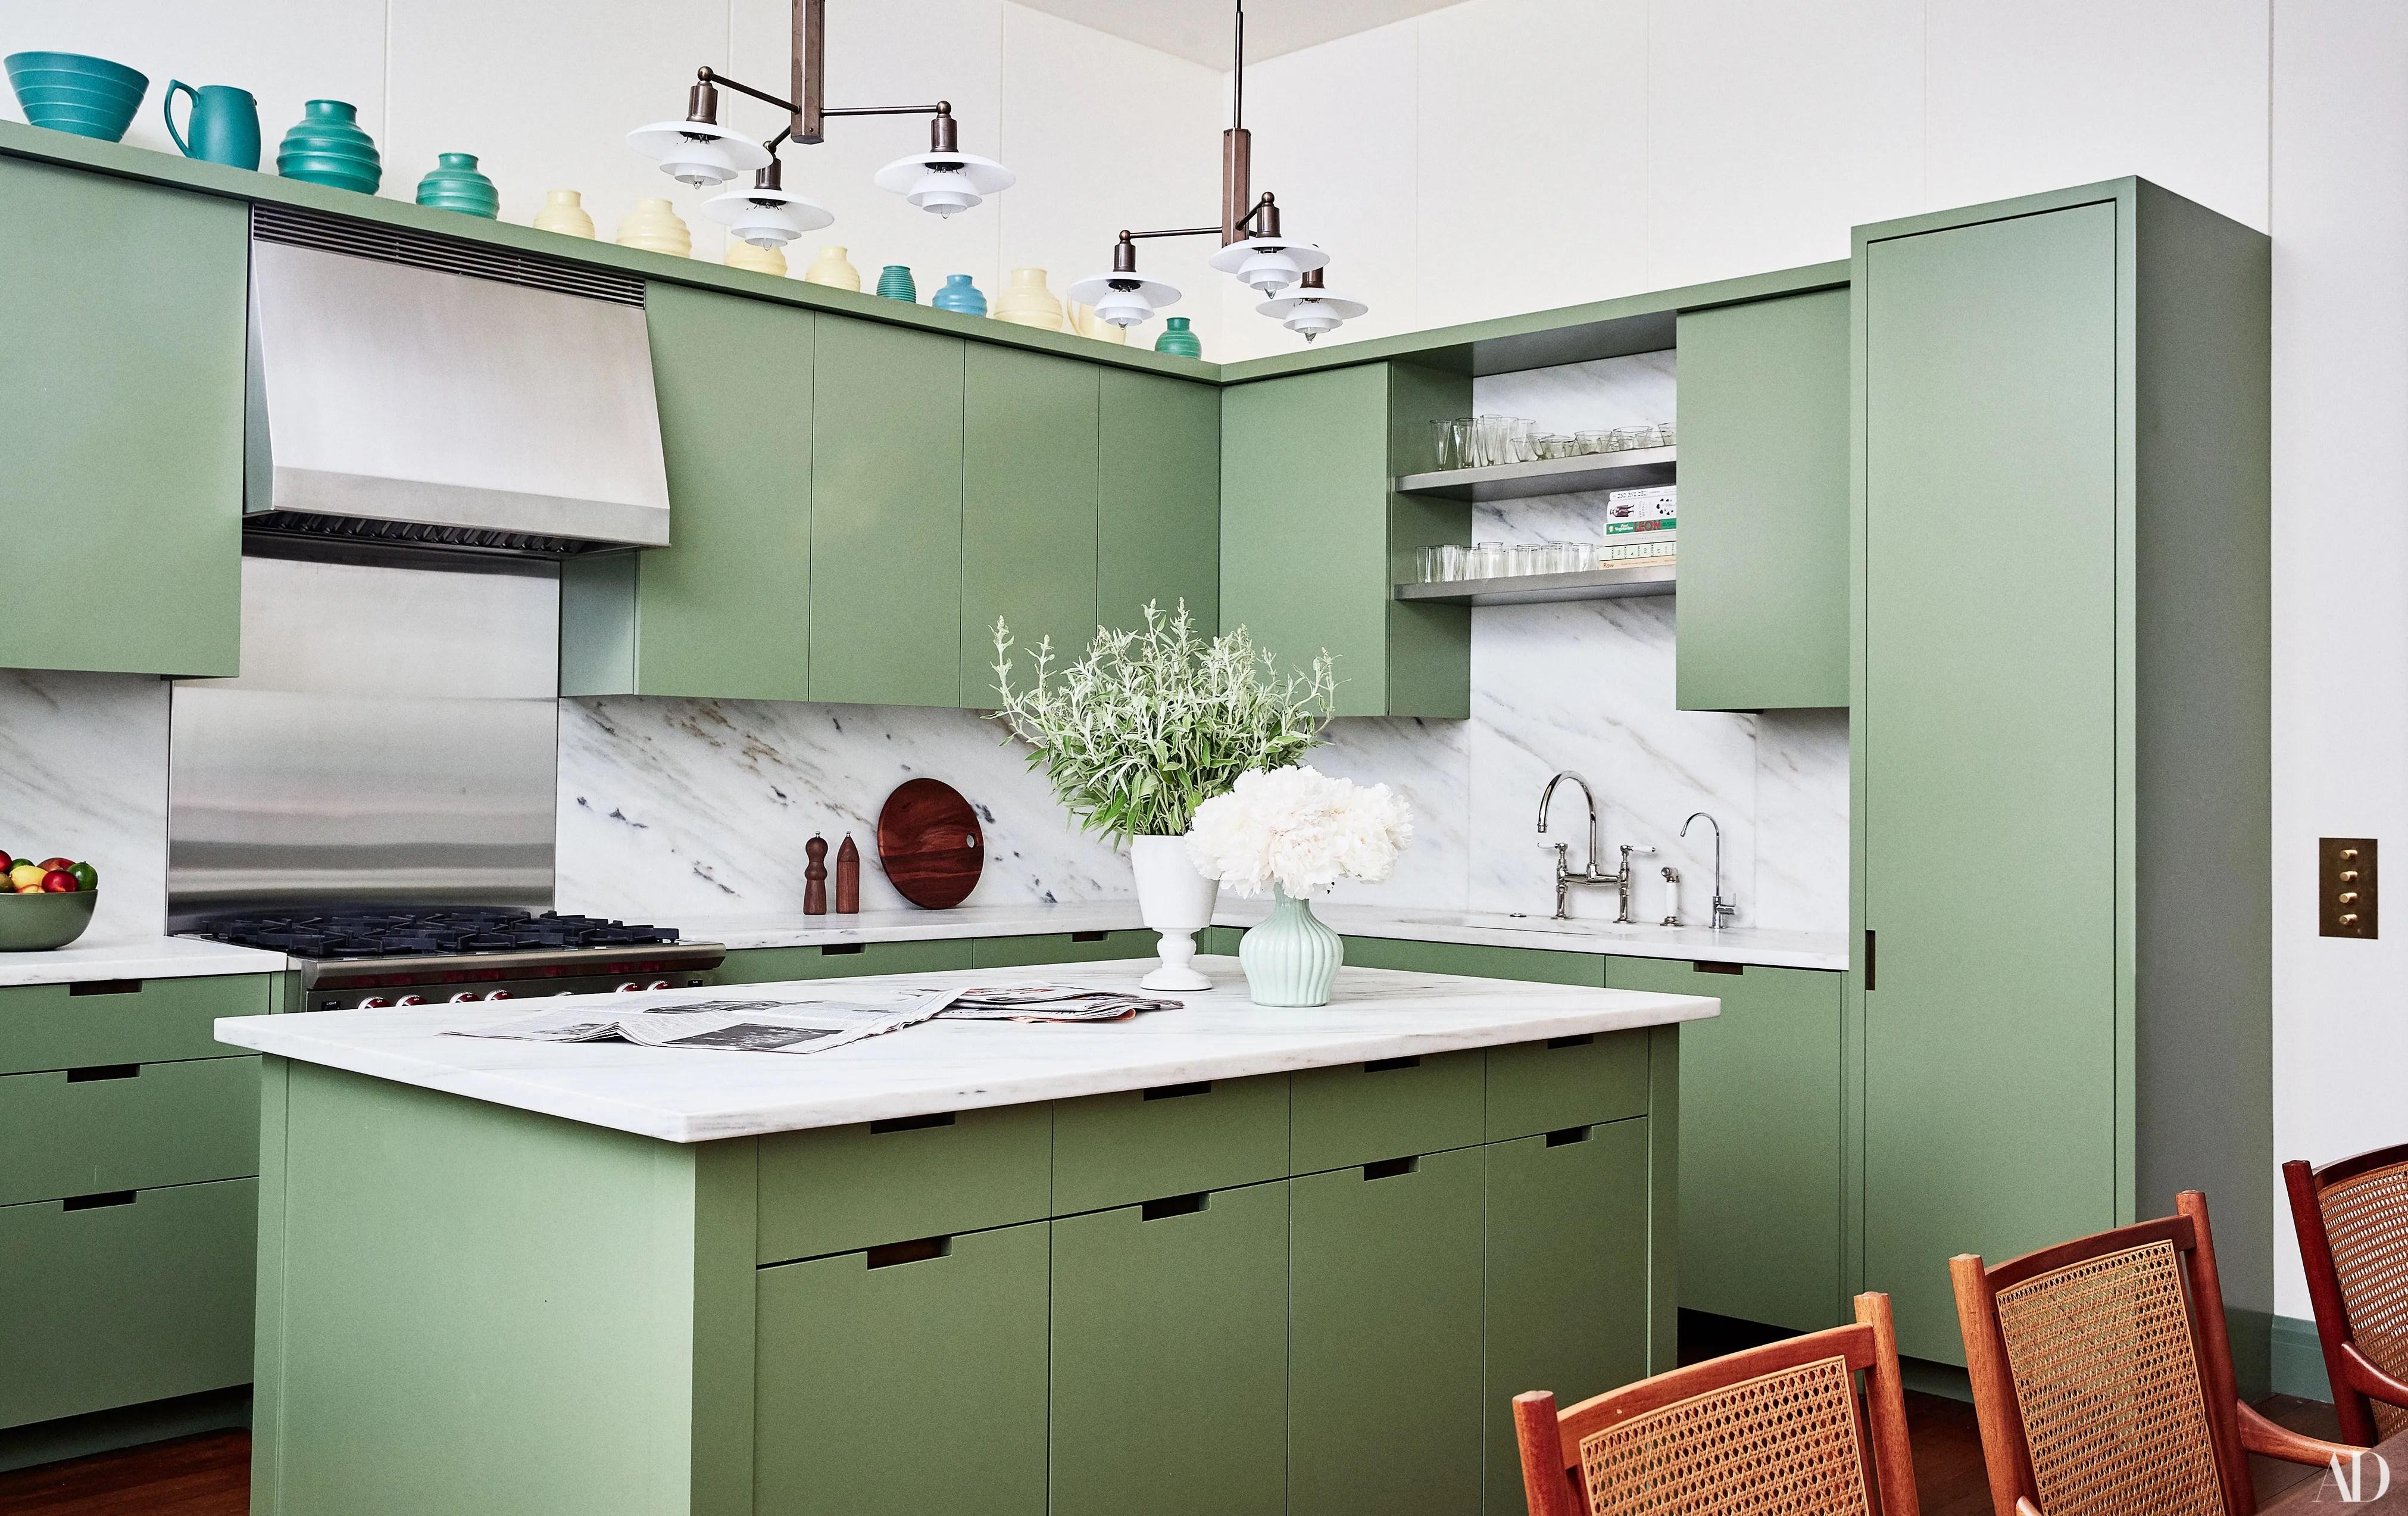 28 stunning kitchen island ideas photos | architectural digest